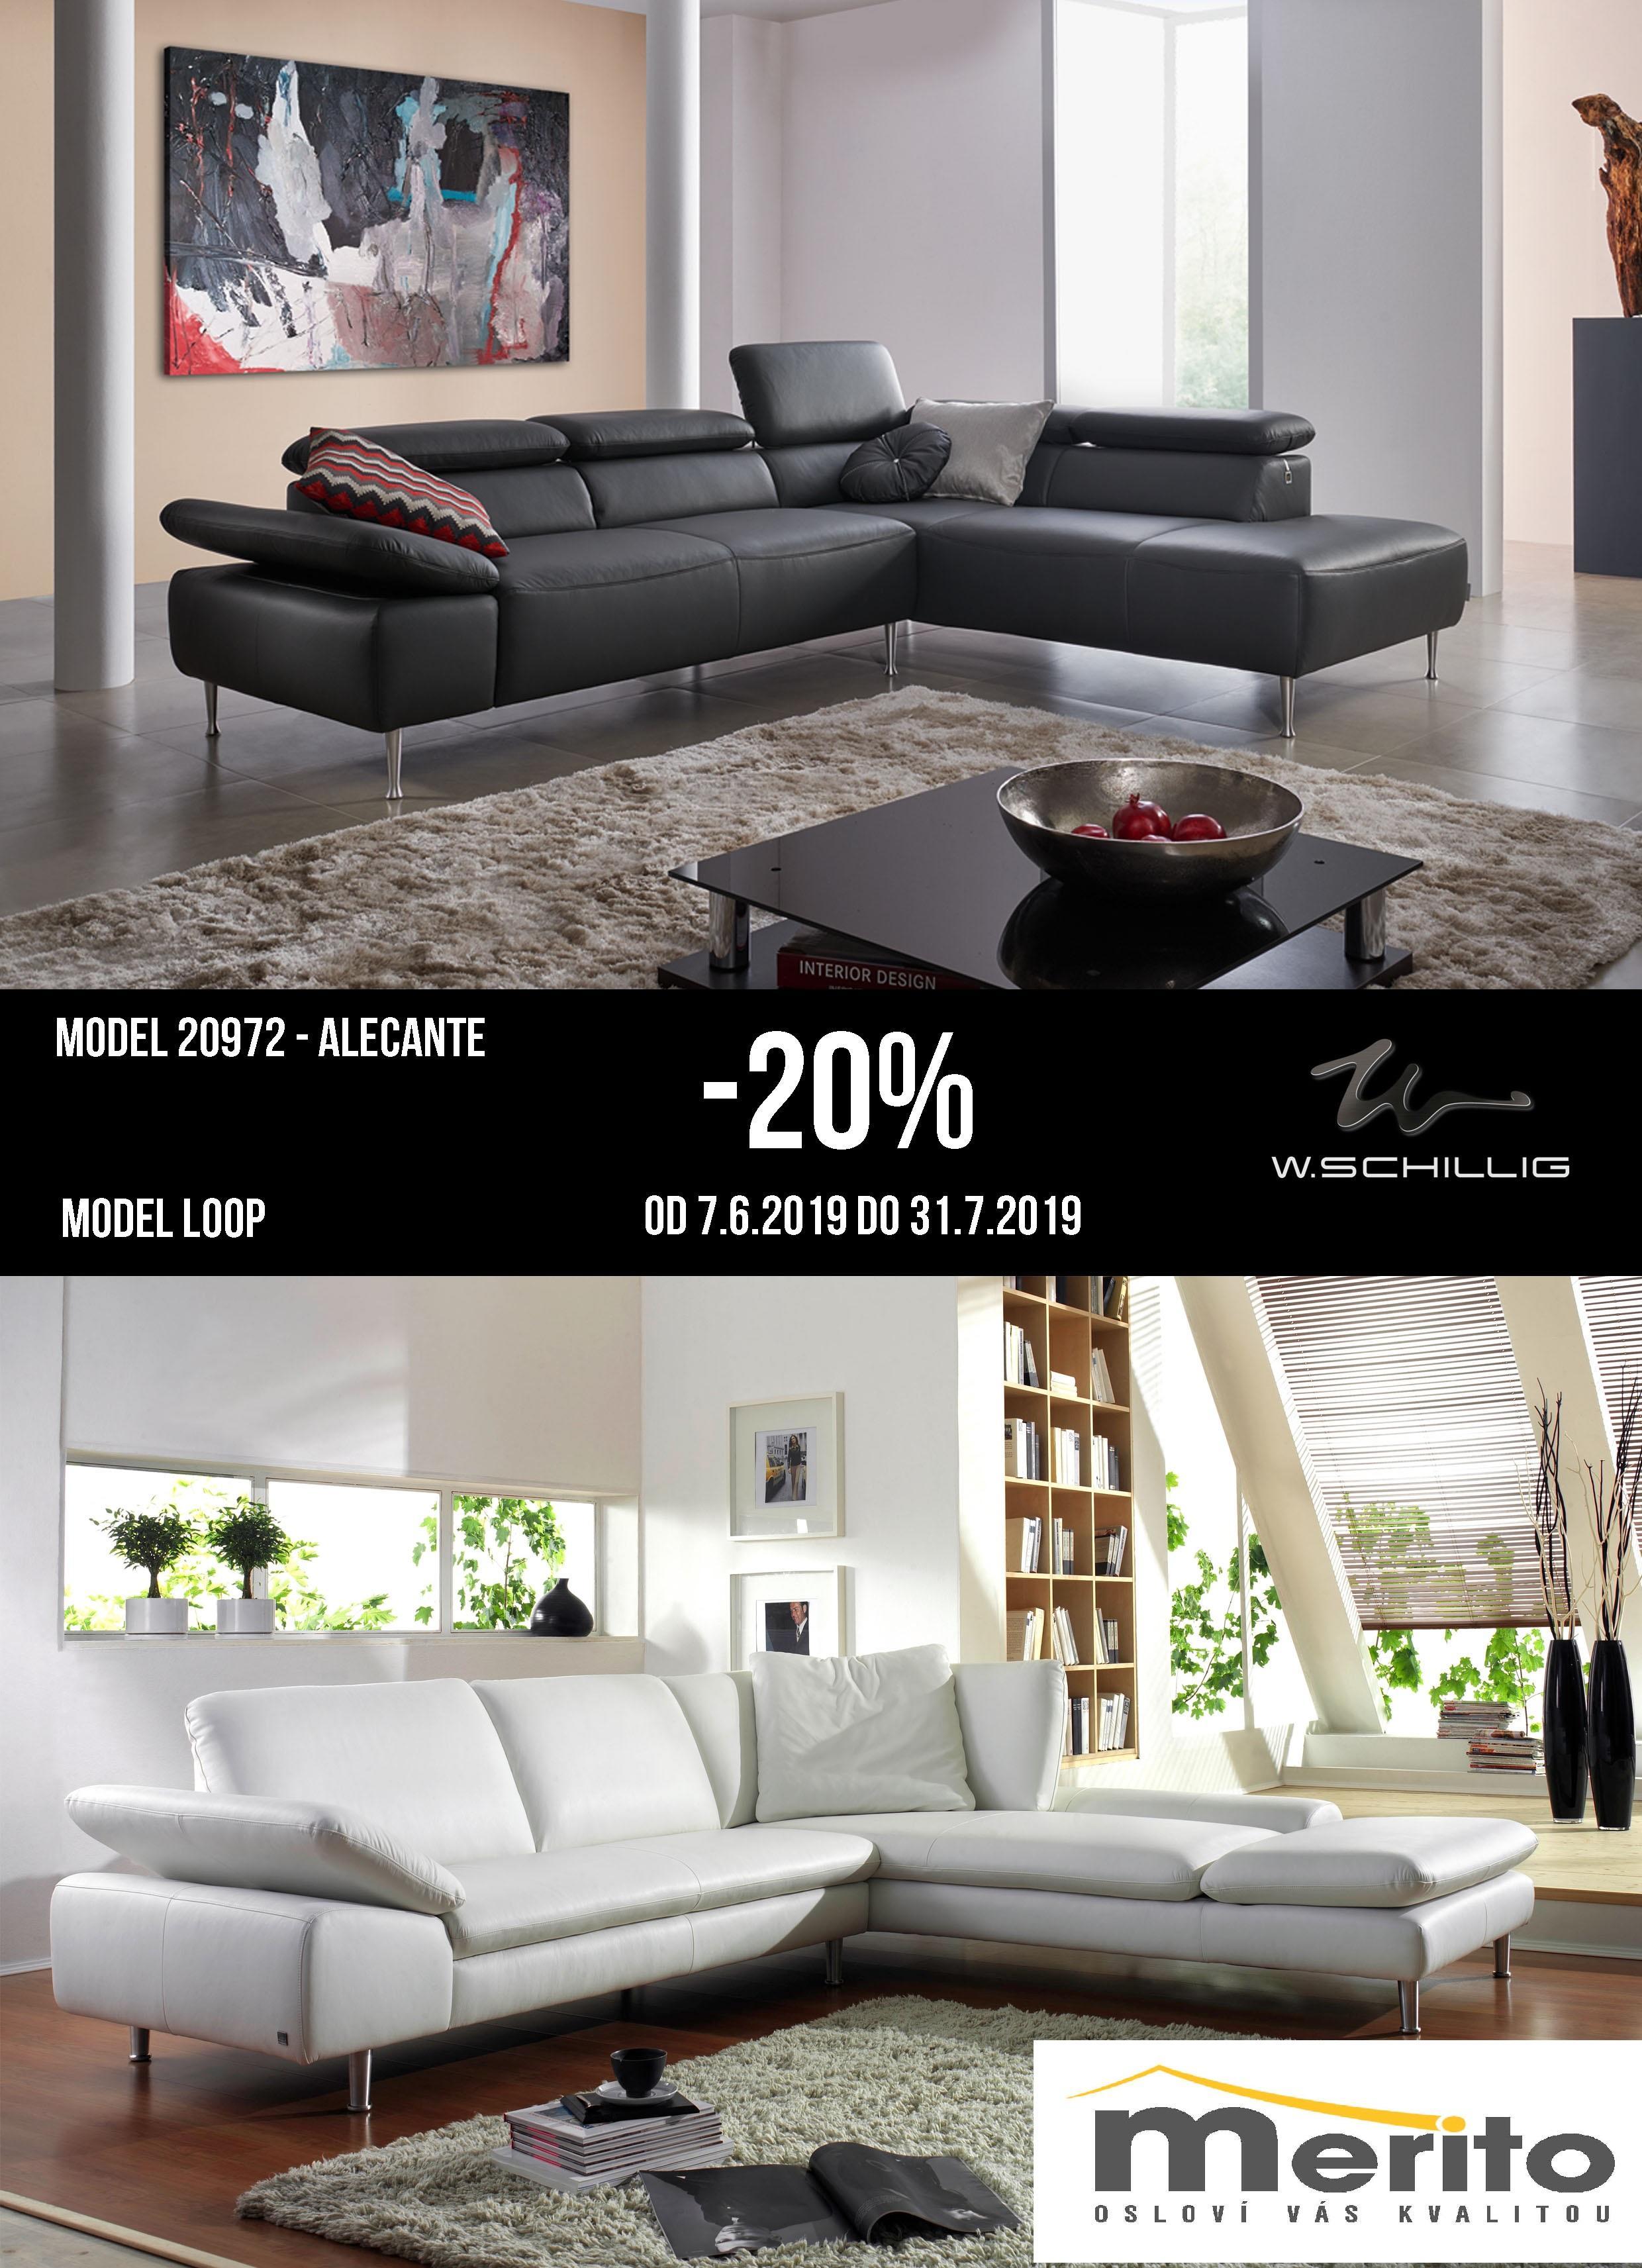 834fdbf5141 Akciová ponuka kvalitného nábytku - NÁBYTOK MERITO Bratislava